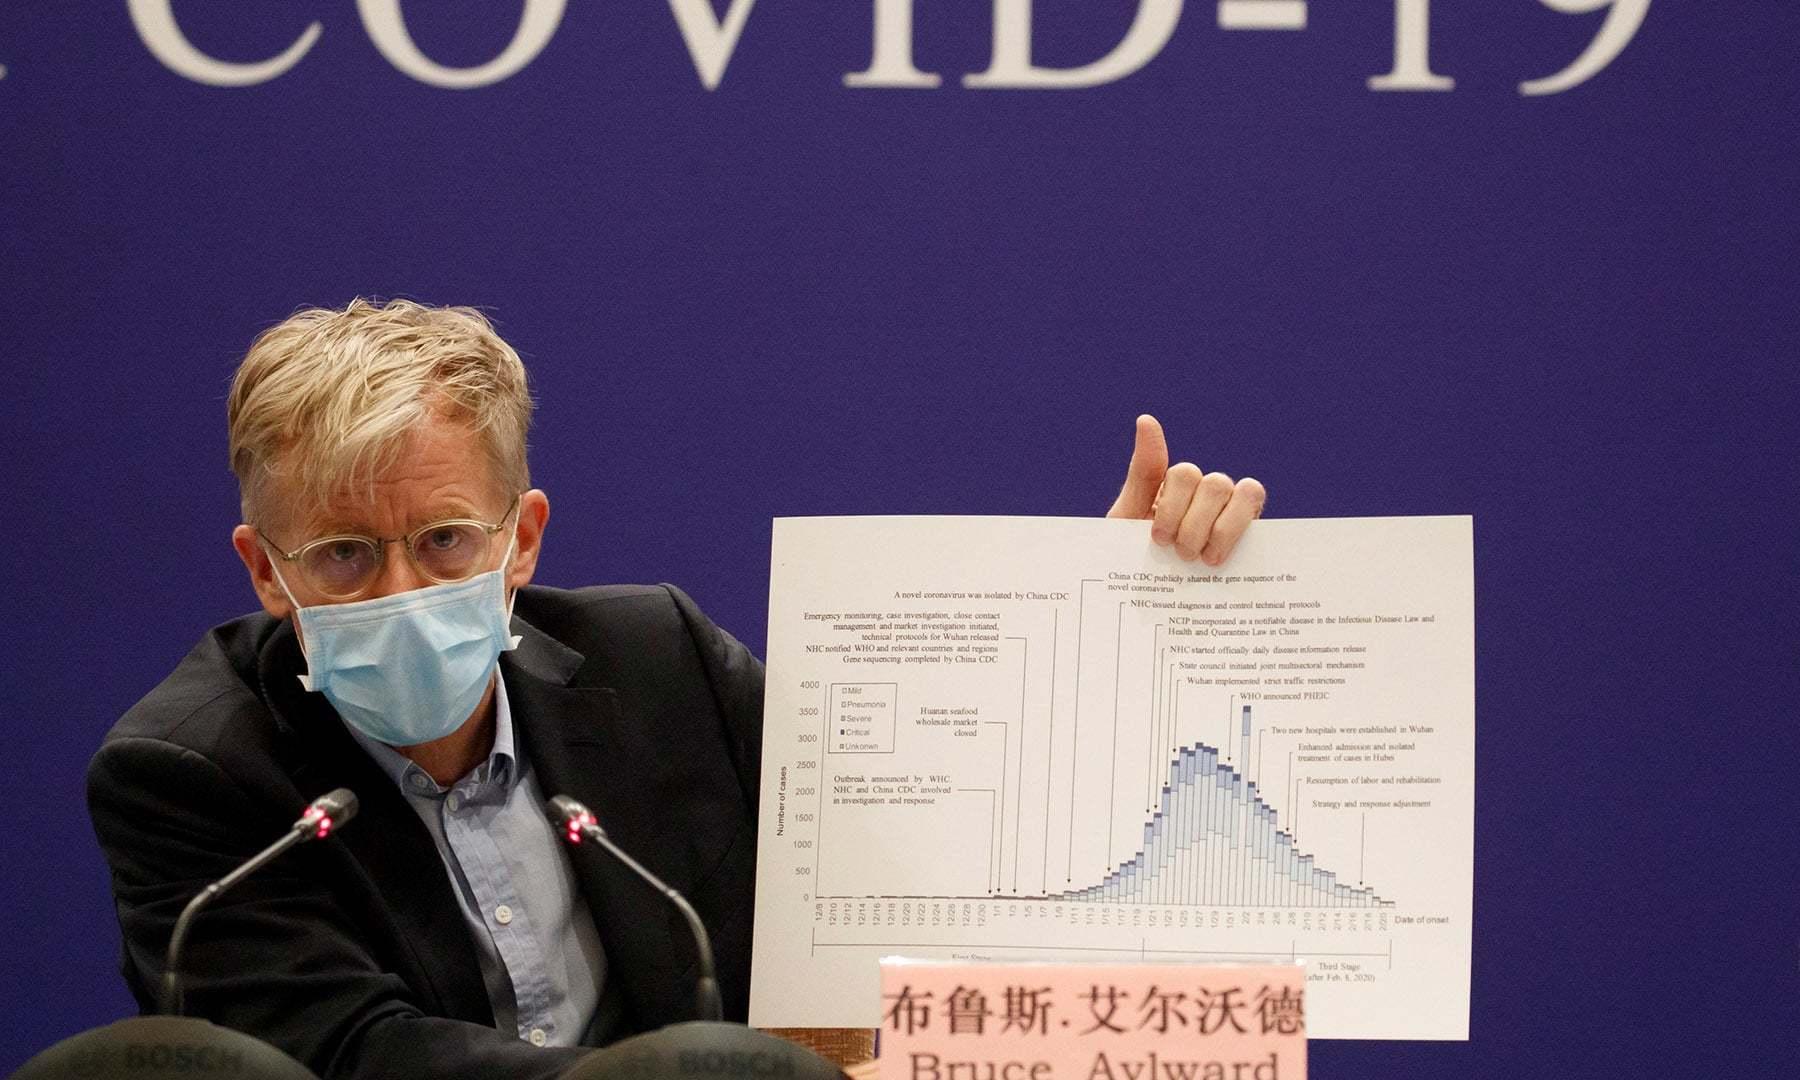 ڈبلیو ایچ او کا وفد کورونا وائرس سے متاثرہ چین کے مختلف شہروں کا جائزہ لے رہا ہے—فوٹو:رائٹرز